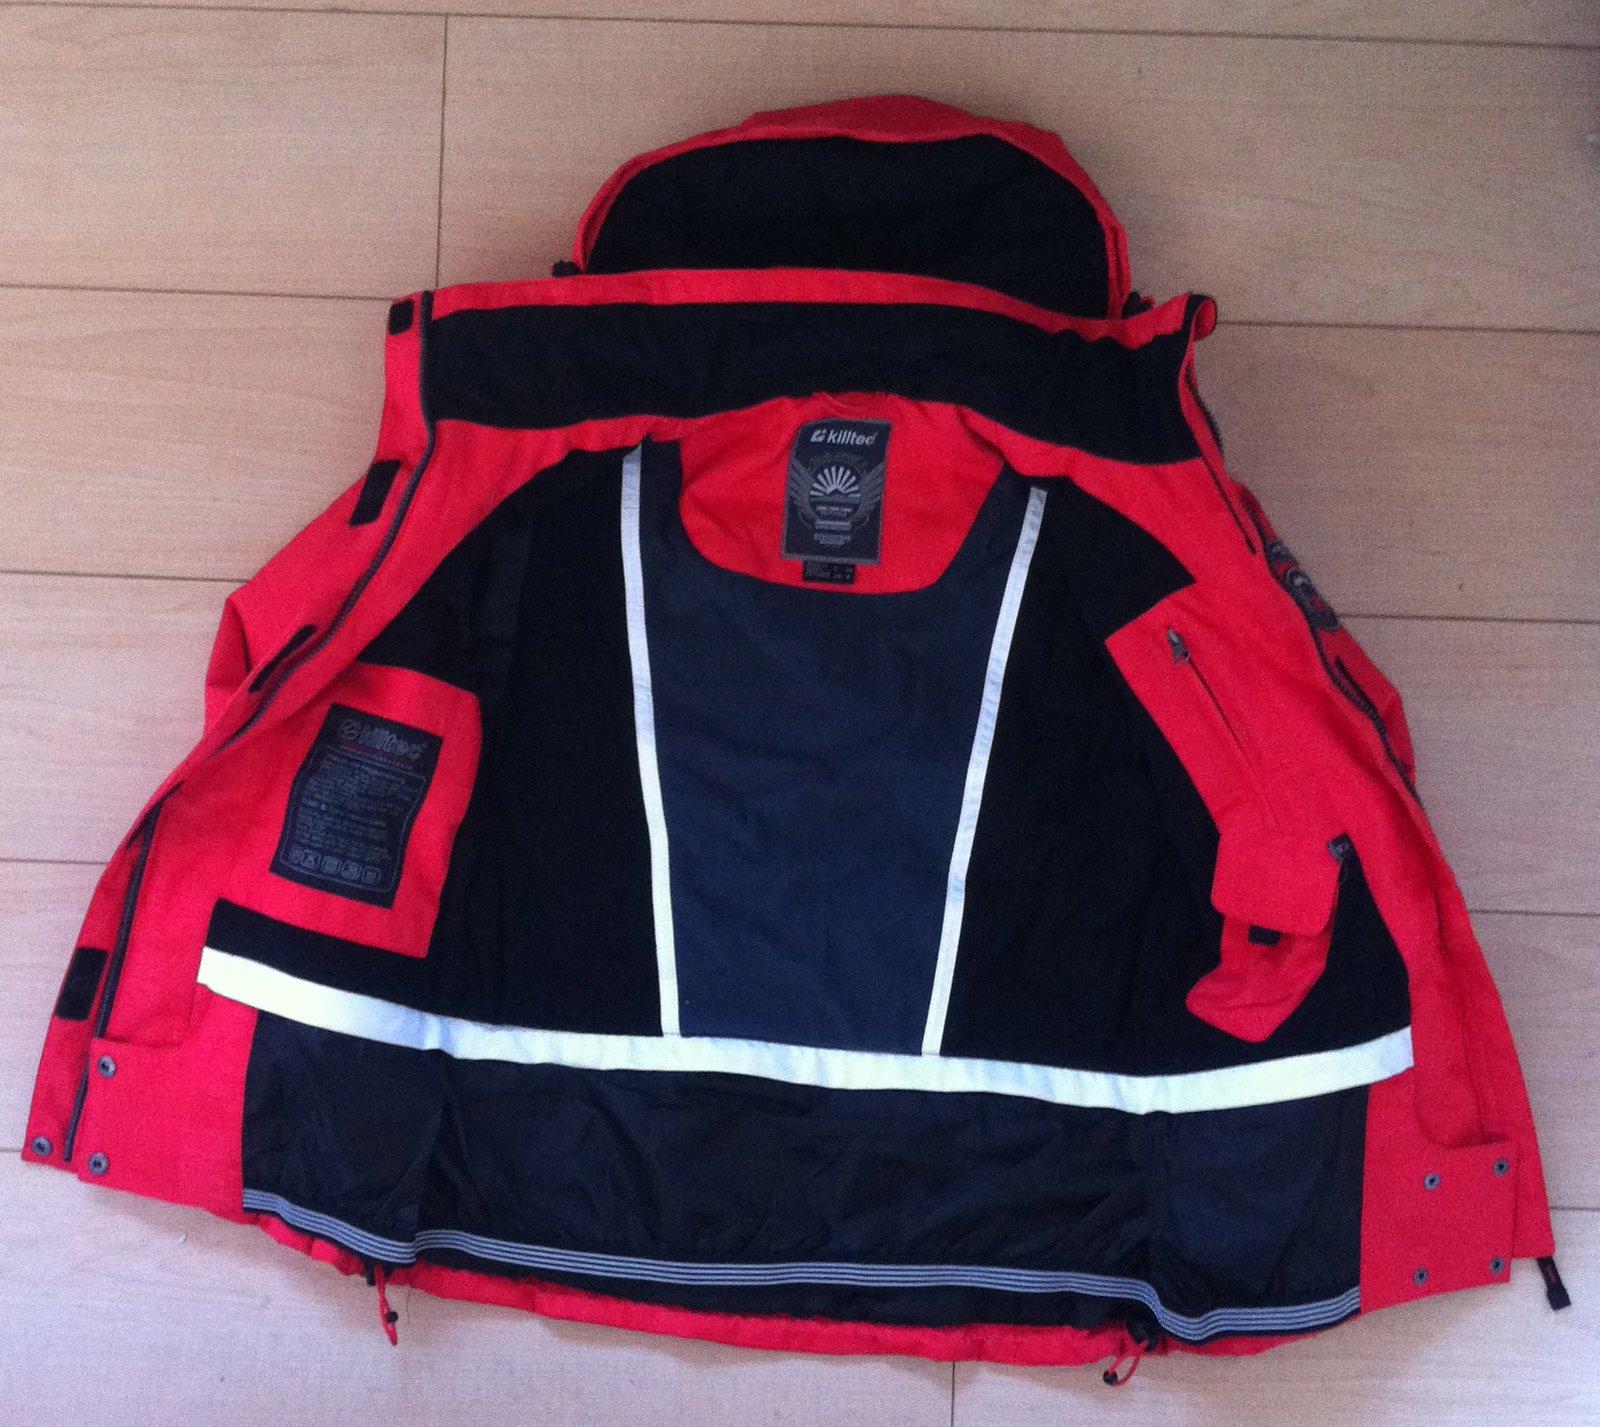 Killtec Womans Jacket $150